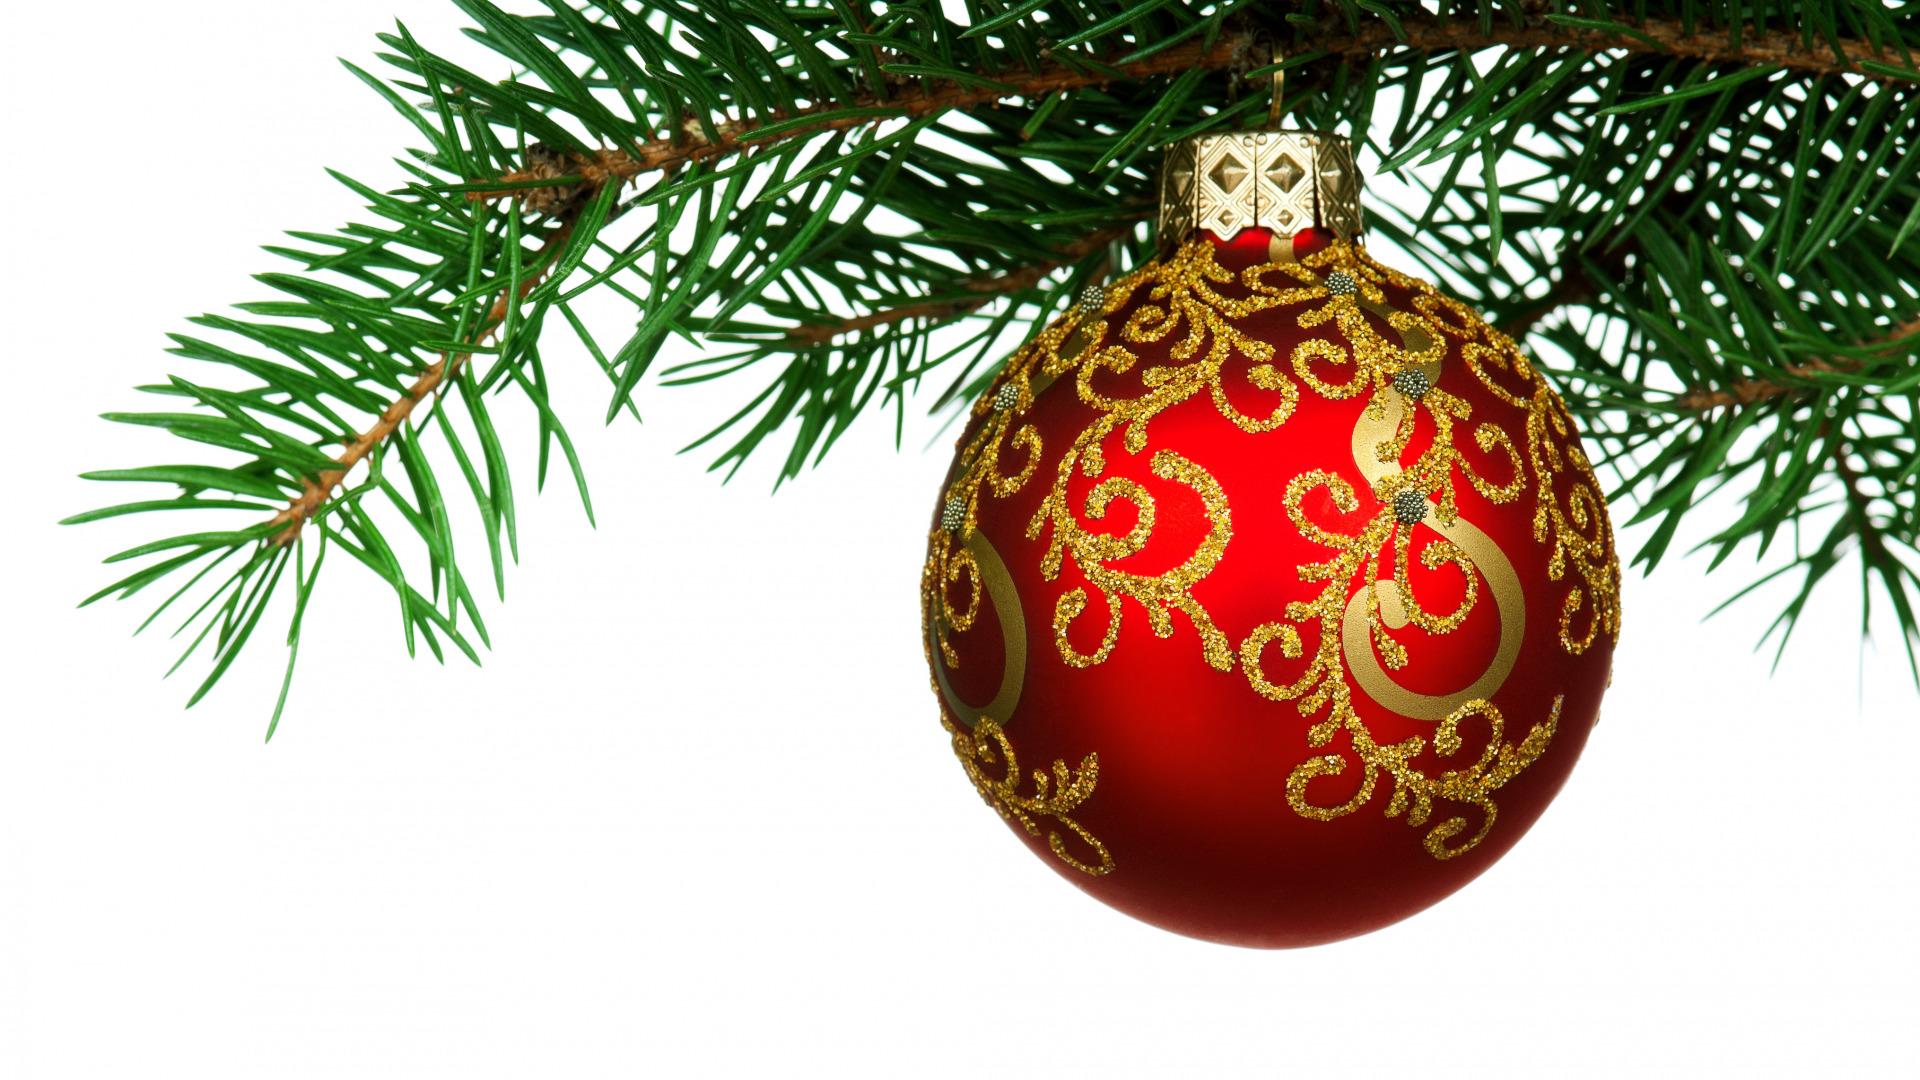 - Arbol de navidad de bolas ...